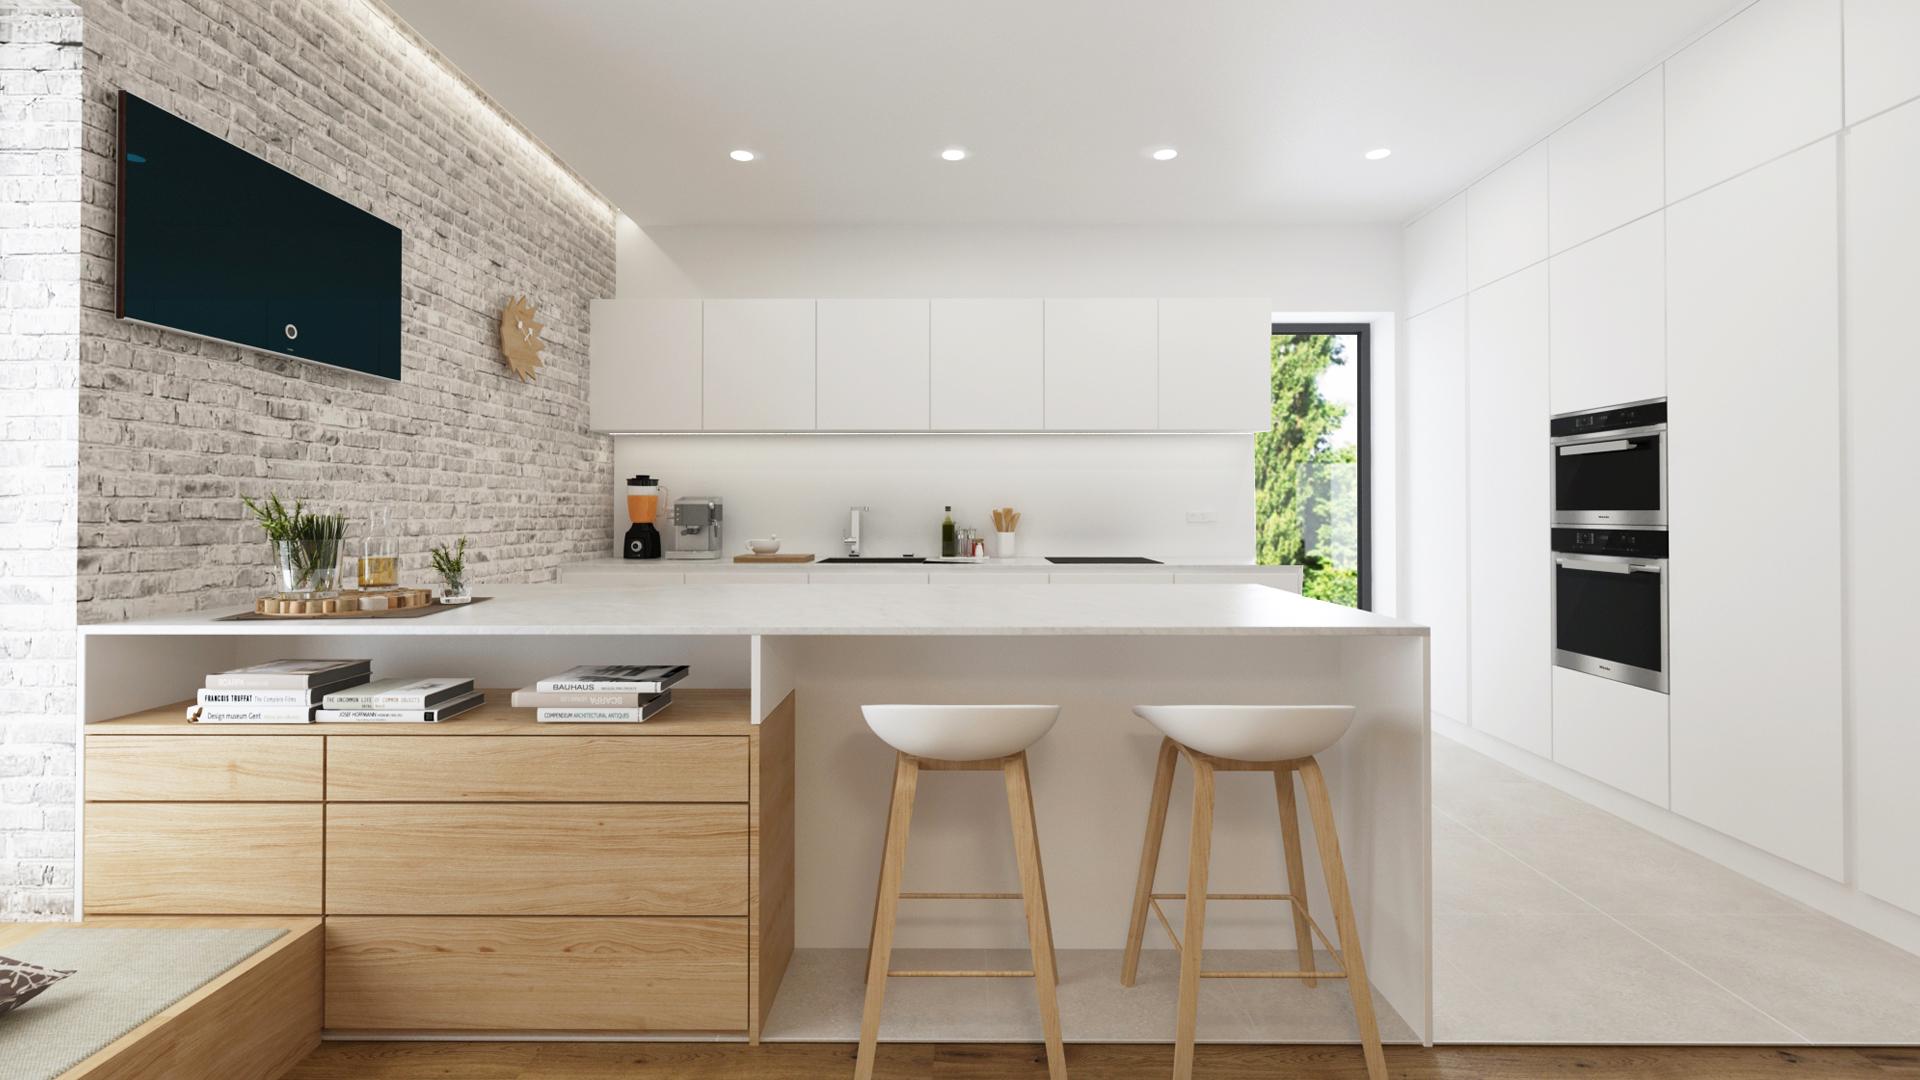 navrh interieru domu, navrh interiru stupava, navrh interieru kuchyne, vizualizacie kuchyne, vizualizacie, navrh kuchyne, dizajn jedalne, interierovy dizajner, hay chair, hay barstool, interierovy dizajn, tehlickovy obklad, navrh kuchyne s jedalnou, navrh baru, navrh interieru domu, navrh interieru bratislava, navrh rodinneho domu